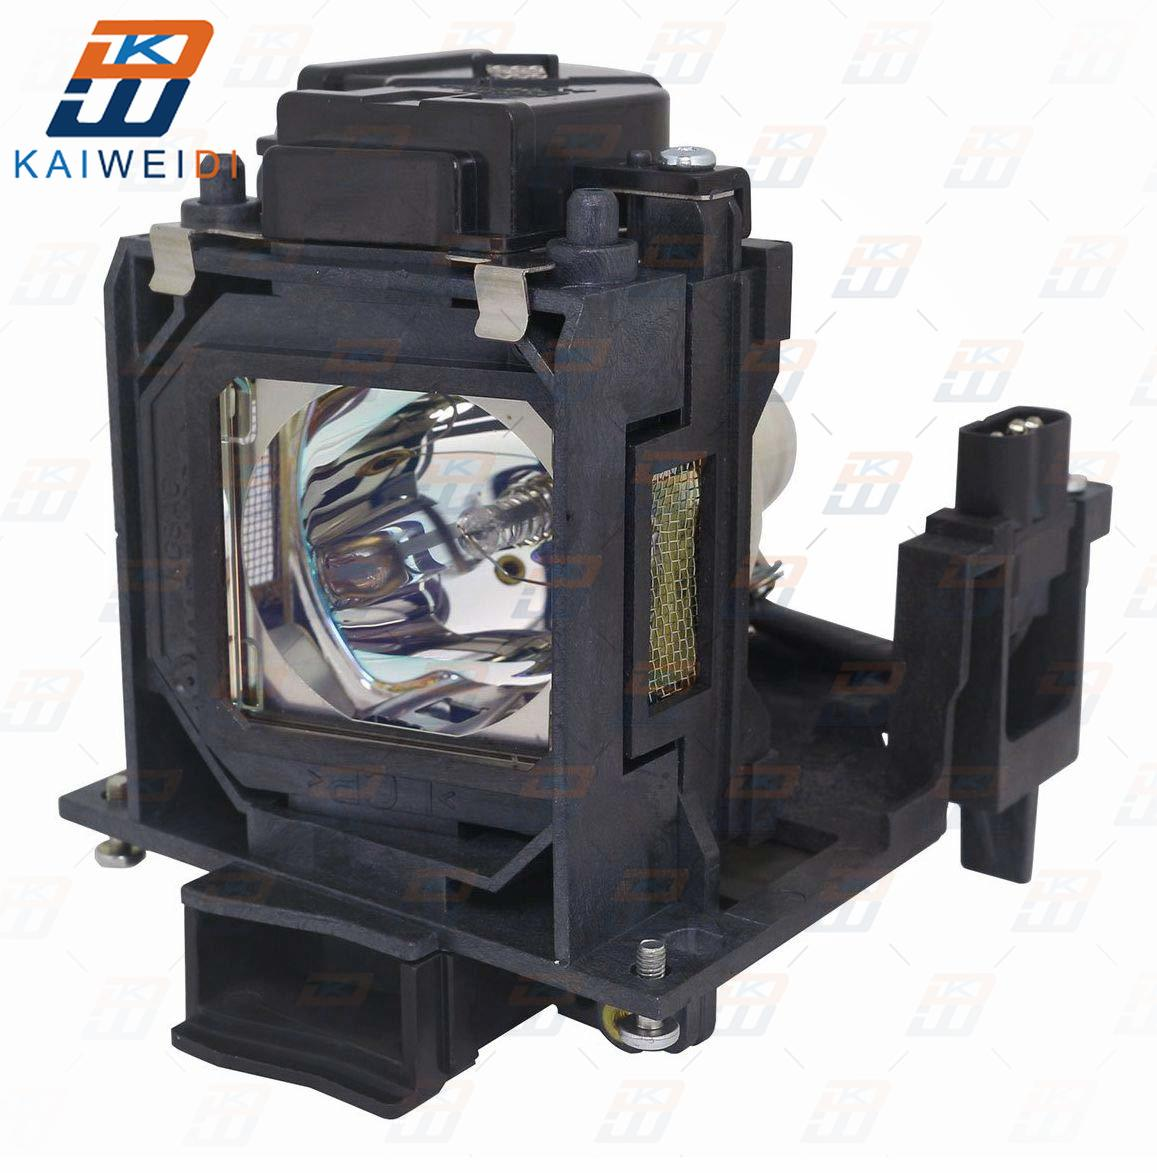 ET-LAC100 PT-CW230 PT-CX200 PT-CW230E PT-CX200E PT-CW230EA PT-CX200EA PT-CW230U PT-CX200U Projector Lamp For PANASONIC